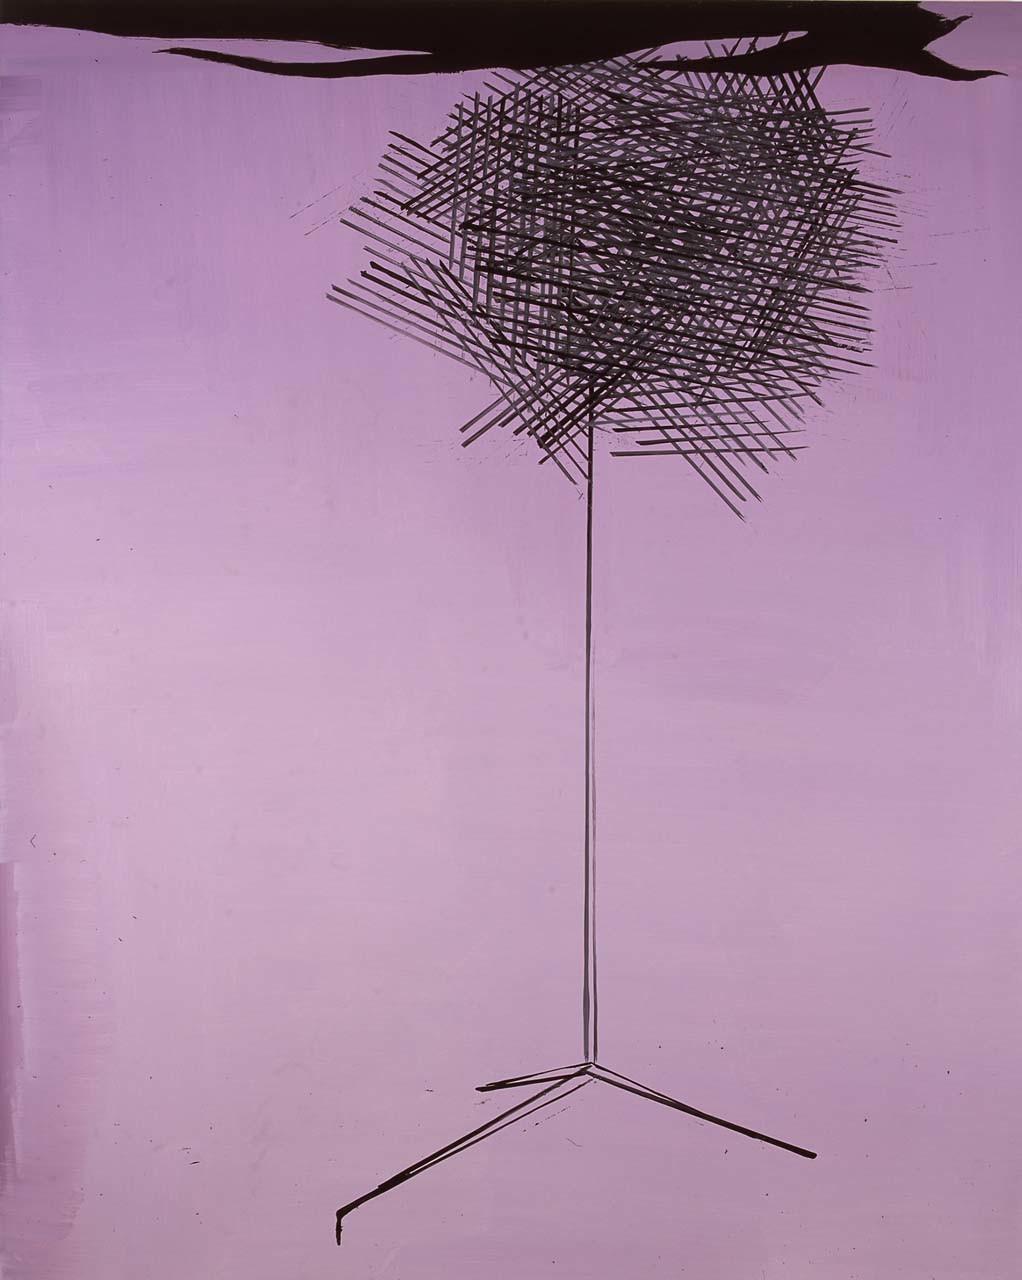 """<div class=""""artwork_caption""""><p>Mic, 2006</p></div>"""